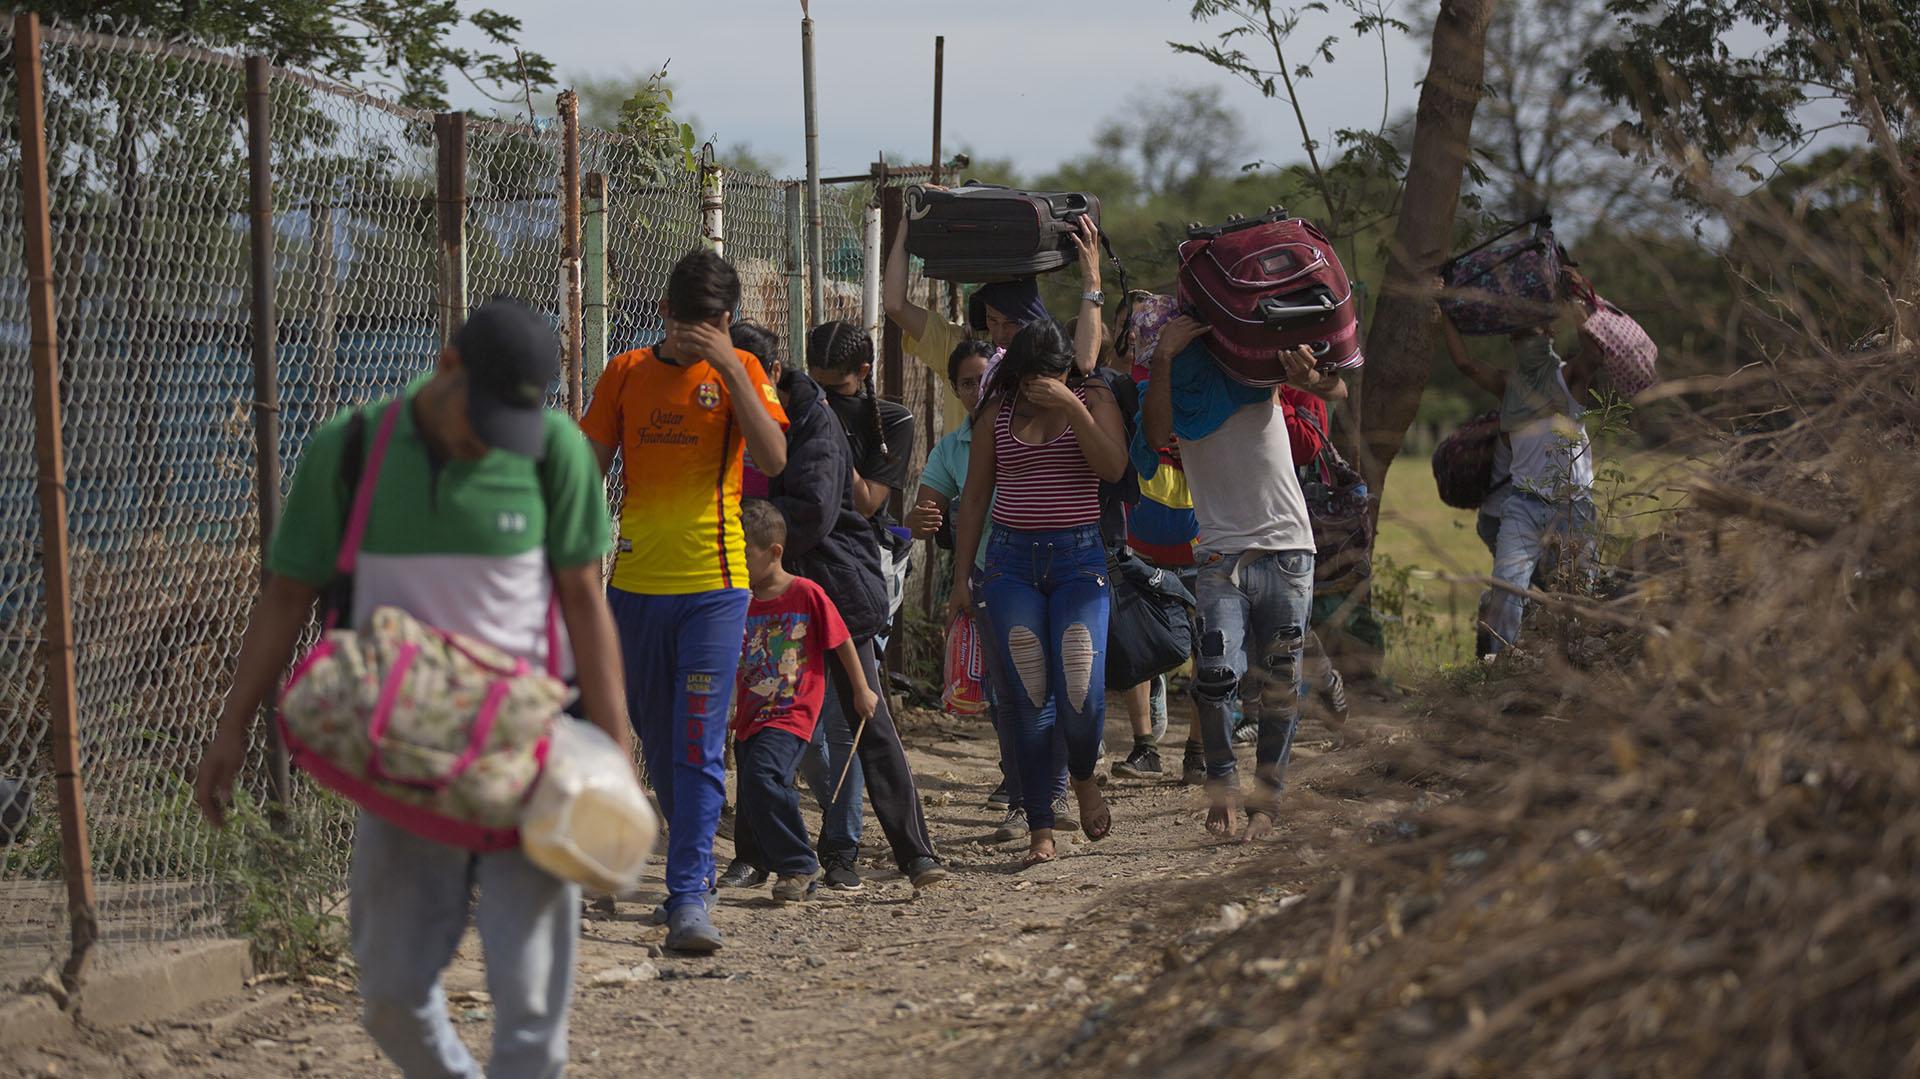 Venezolanos cruzando ilegalmente la frontera con Colombia en Villa del Rosario (AP Photo/Ariana Cubillos)